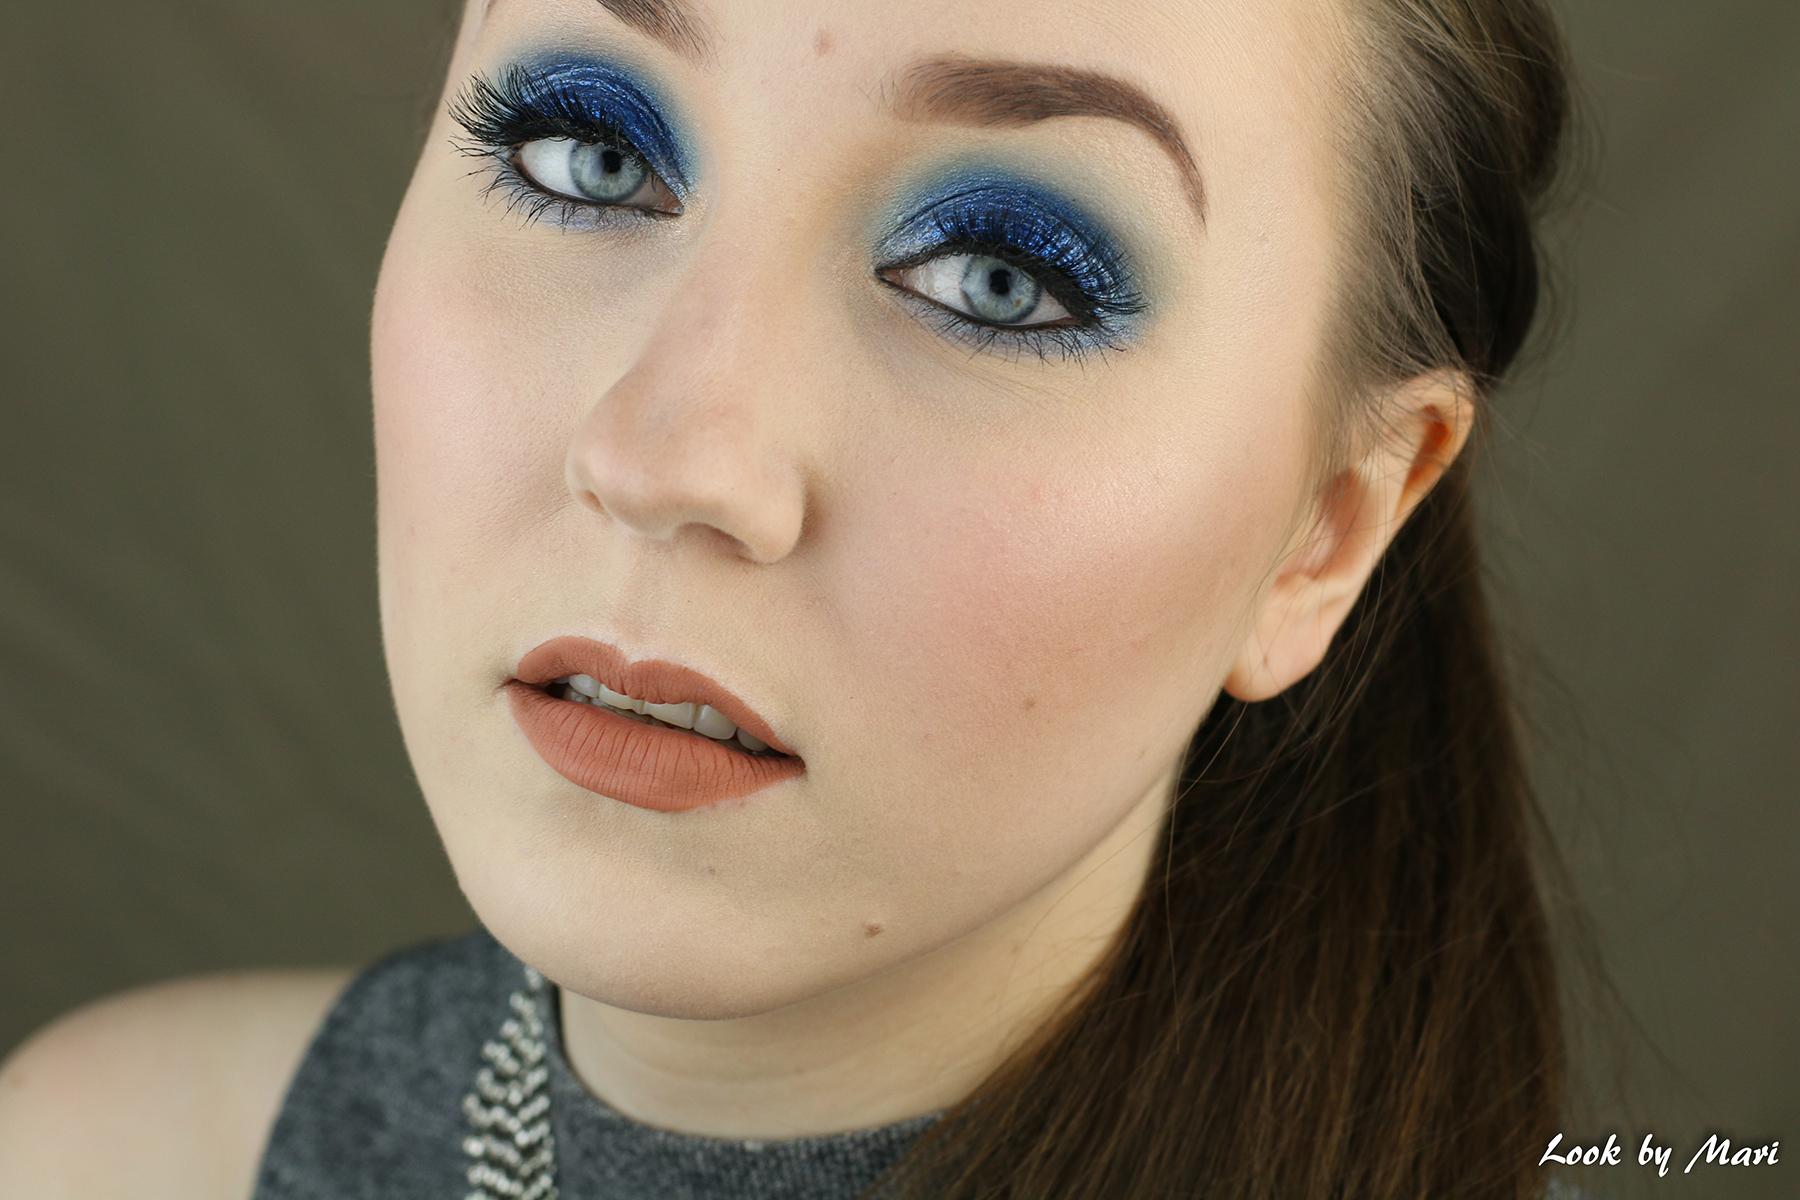 6 nyx soft matte lip cream london sävy väri huulilla kokemuksia meikissä blogi